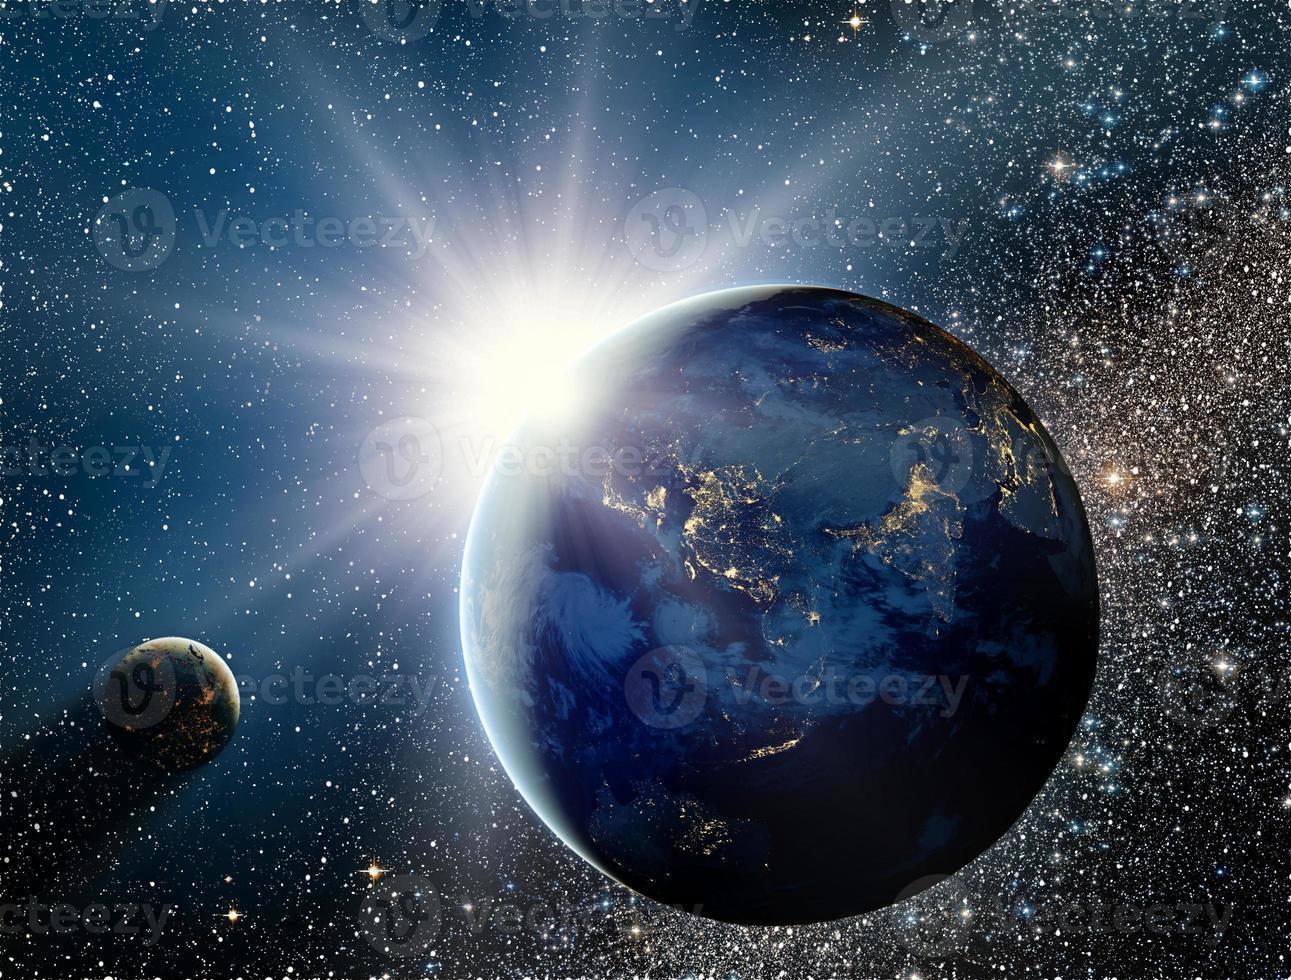 alba sul pianeta e satelliti nello spazio. foto